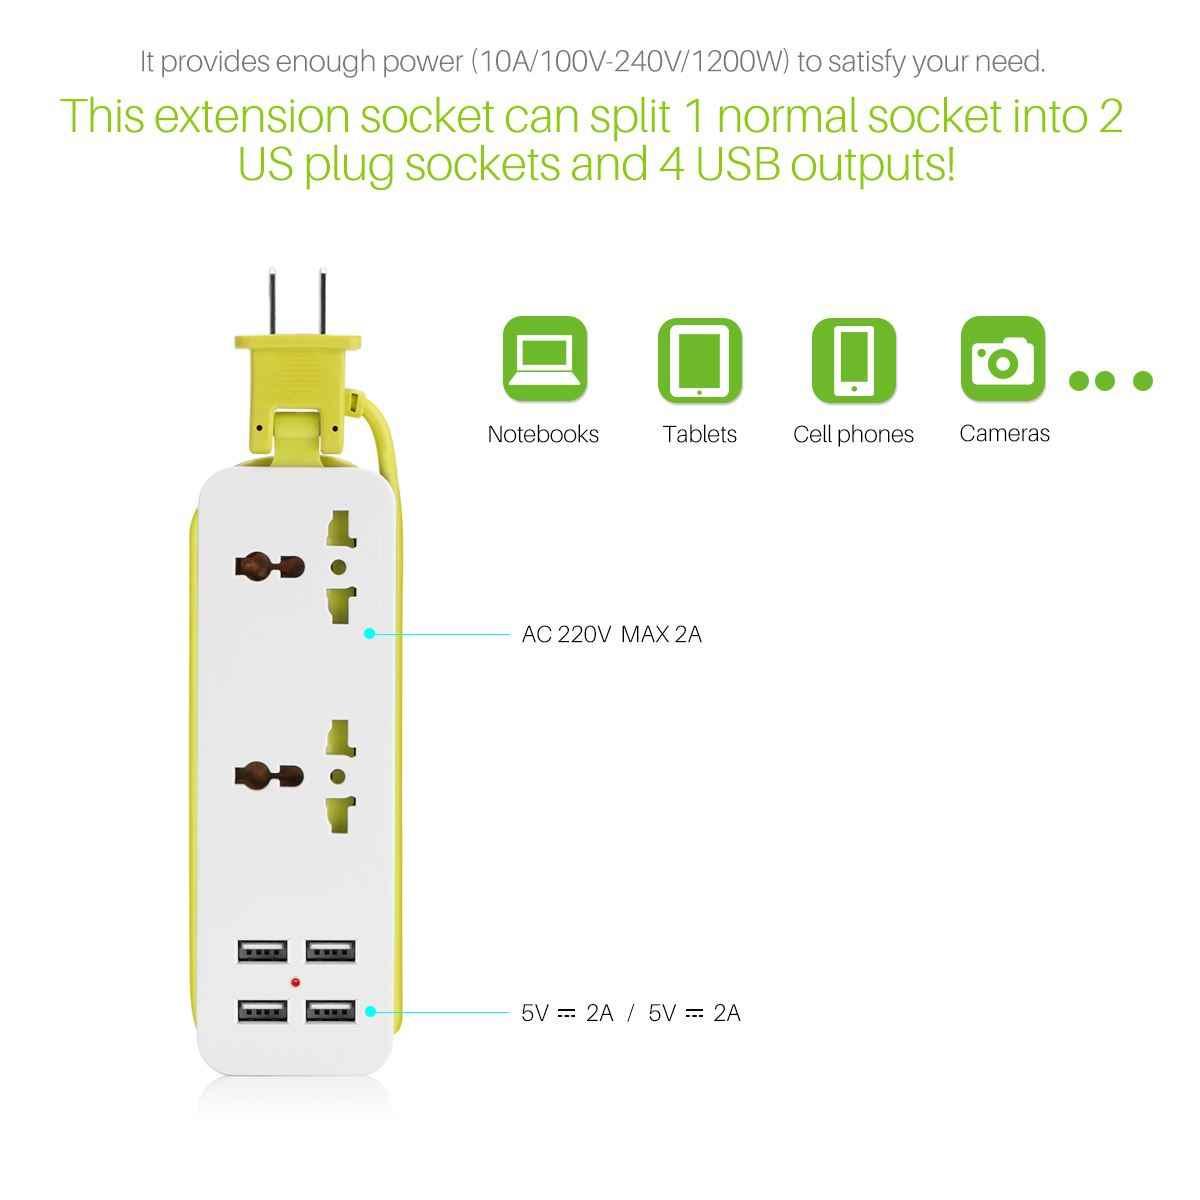 Mở rộng Ổ Cắm Ổ Cắm Xách Tay EU Cắm Du Lịch Power Strip Surge Protector với 4 USB Thông Minh Sạc Tường Sạc Máy Tính Để Bàn Hub